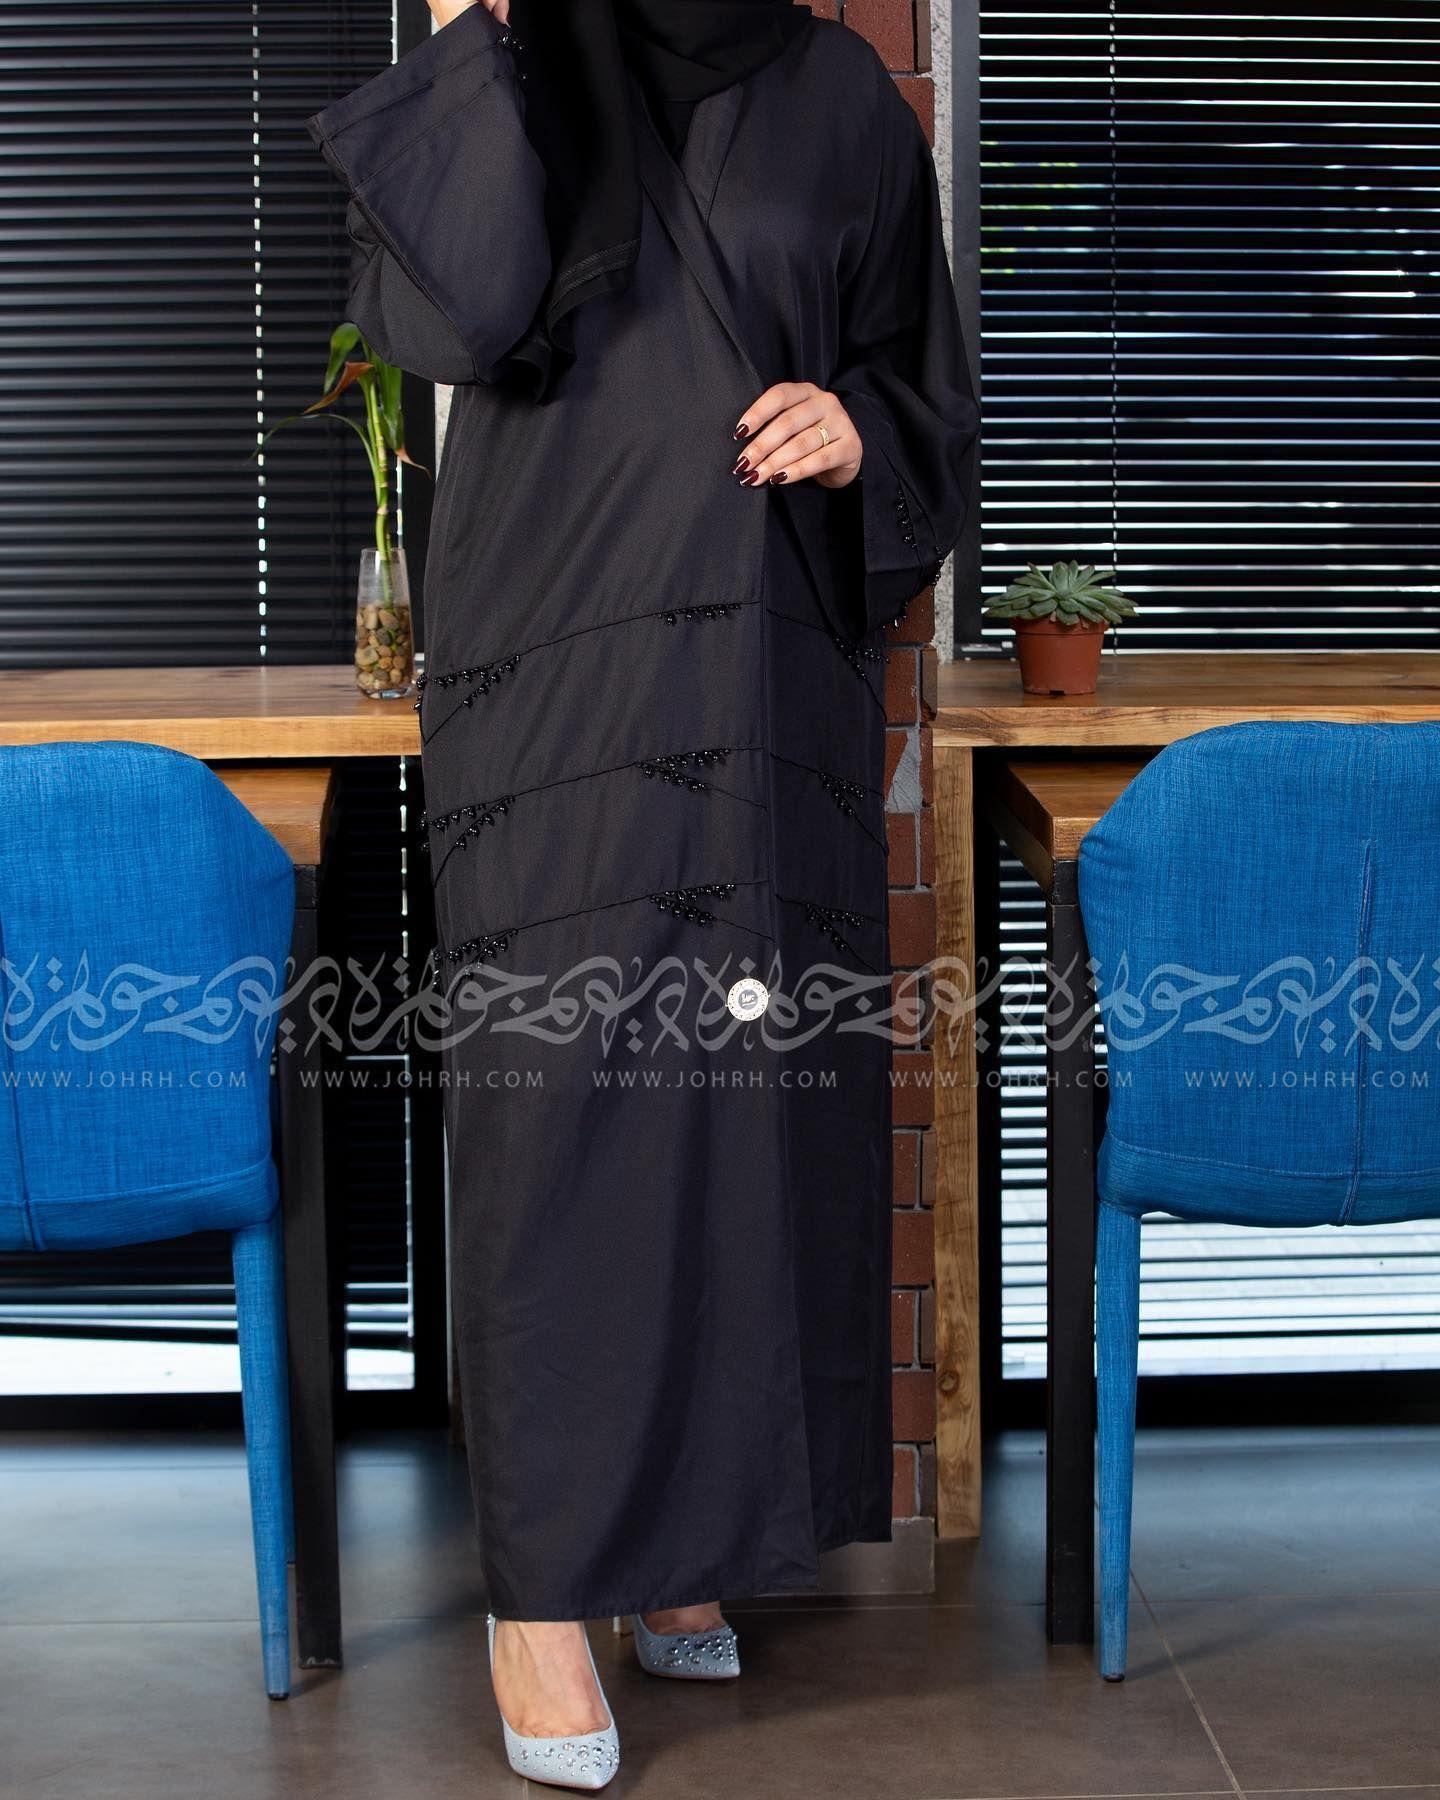 عباية كريب كلاسيك بشك وخياطة عرضية رقم الموديل 1676 السعر بعد الخصم 240 متجر جوهرة عباية عبايات ستايل عباية Fashion Maxi Dress Dresses